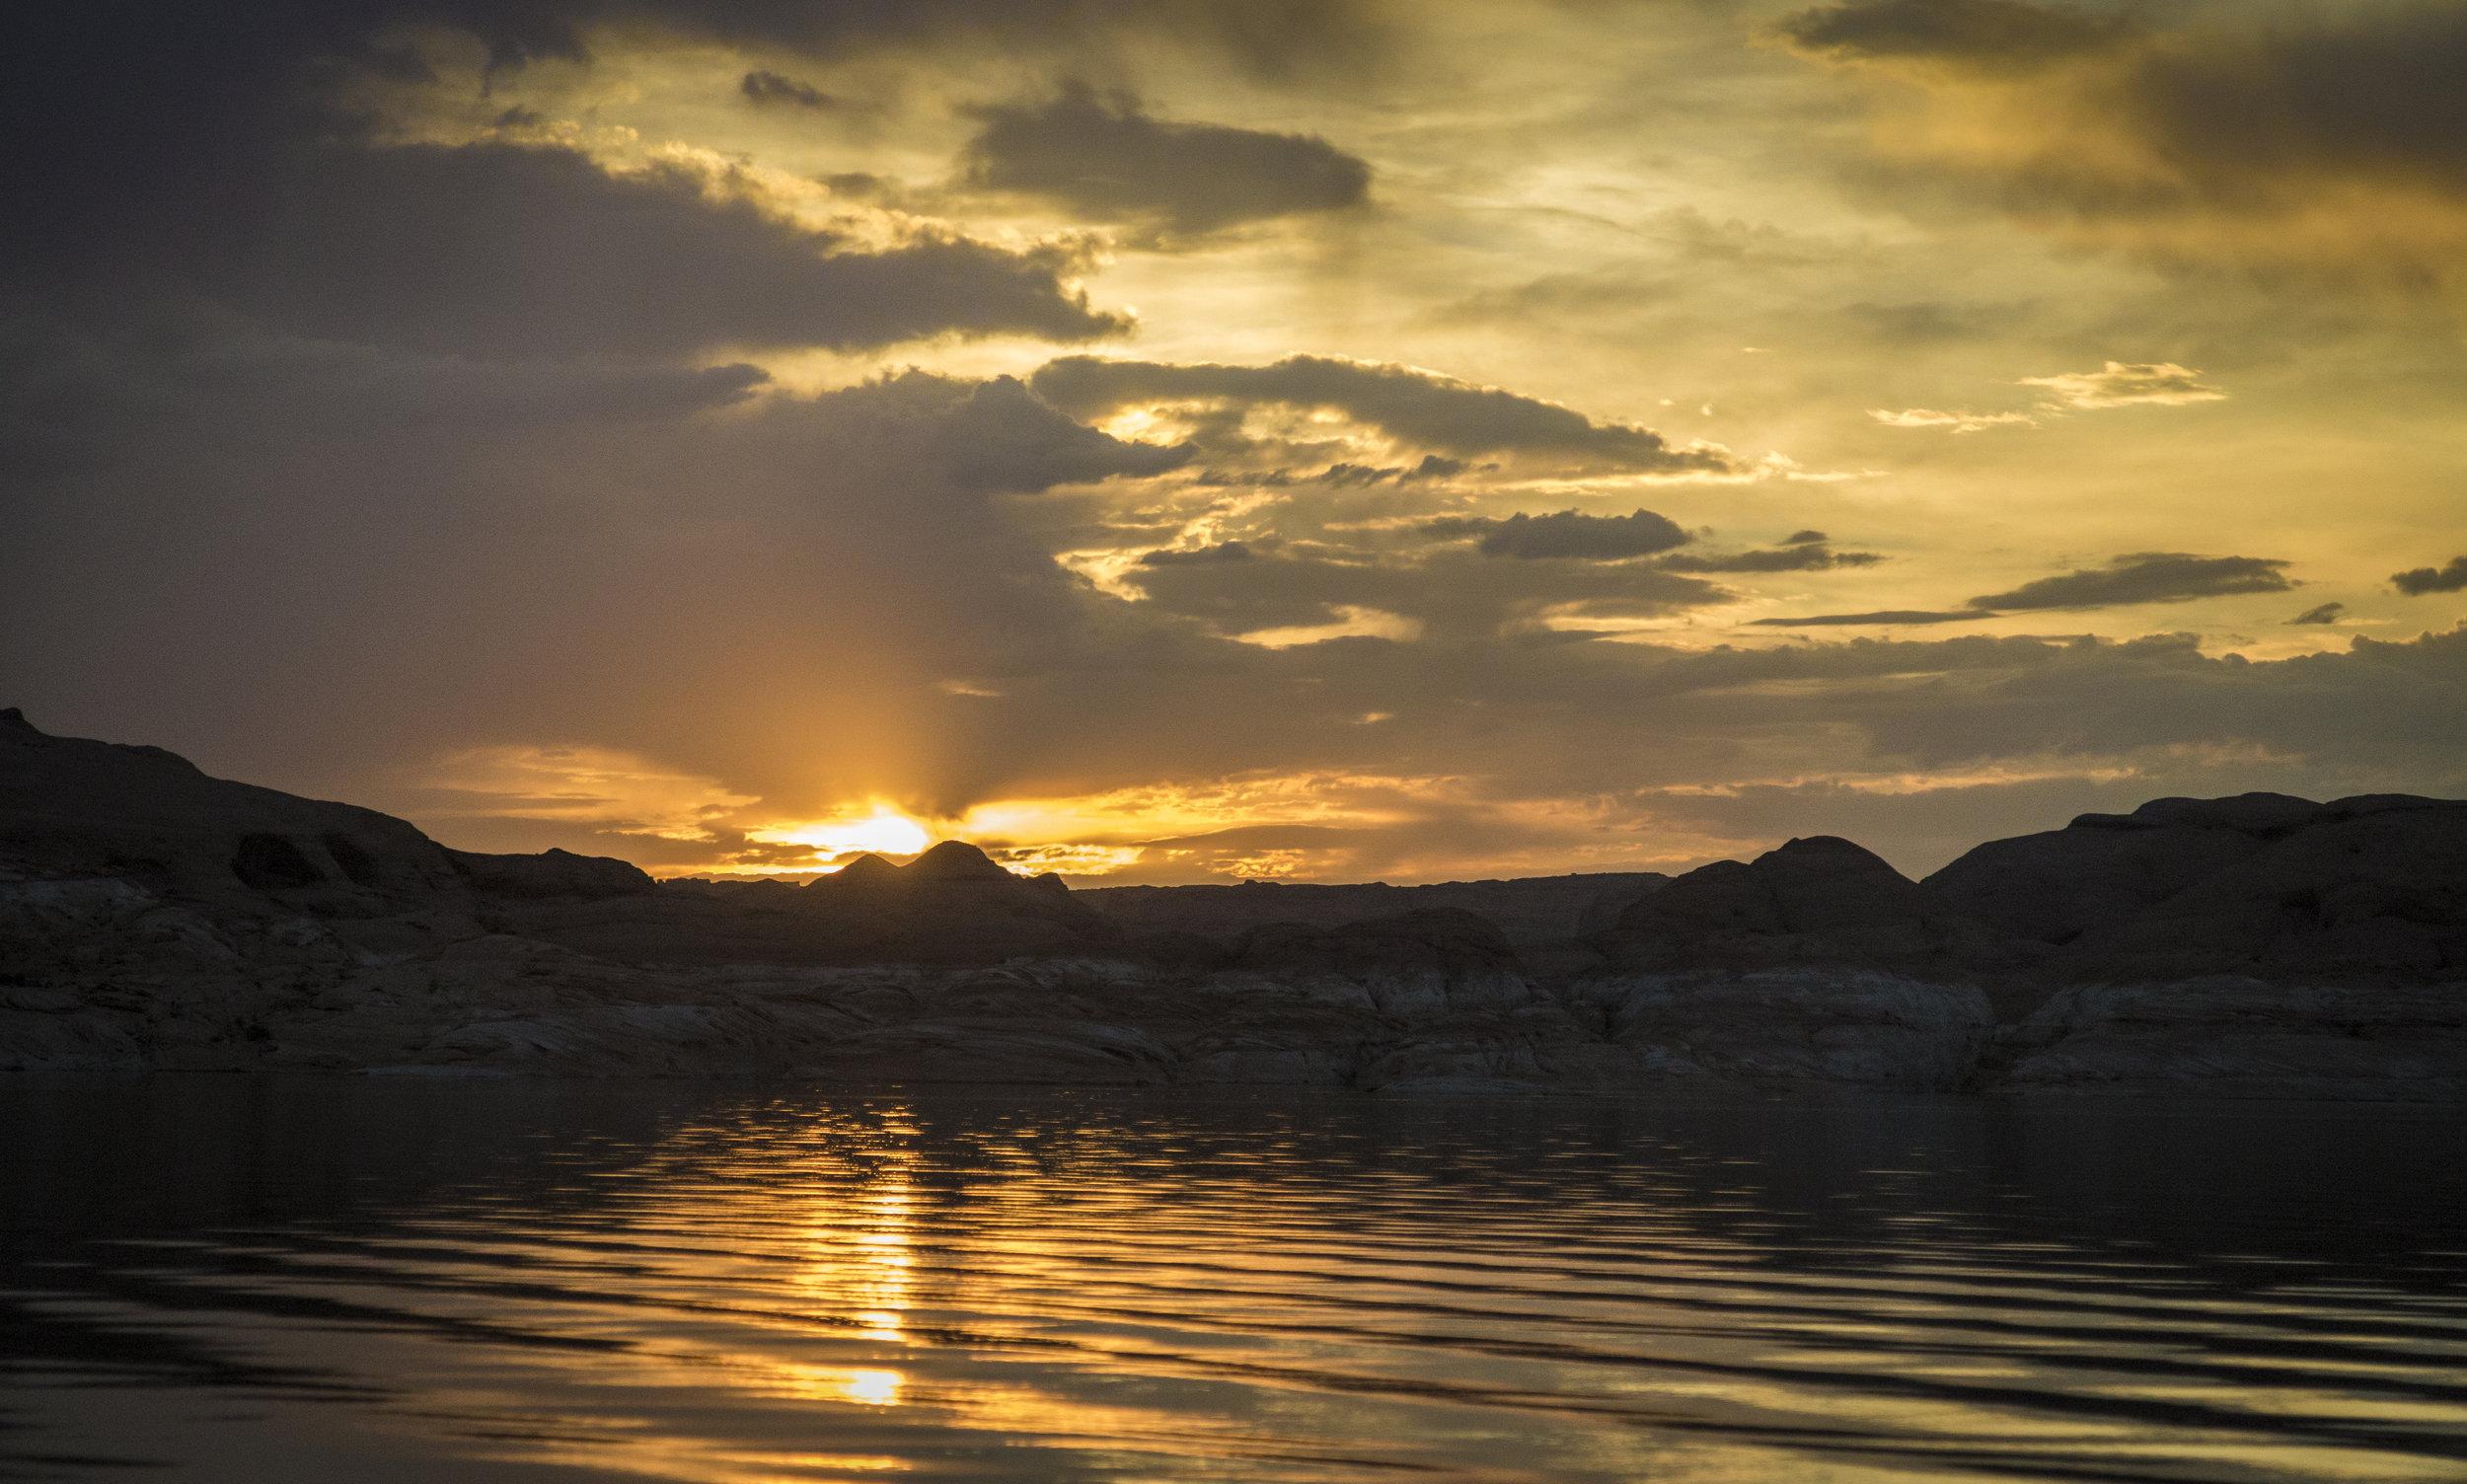 Sunset - Lake Powell